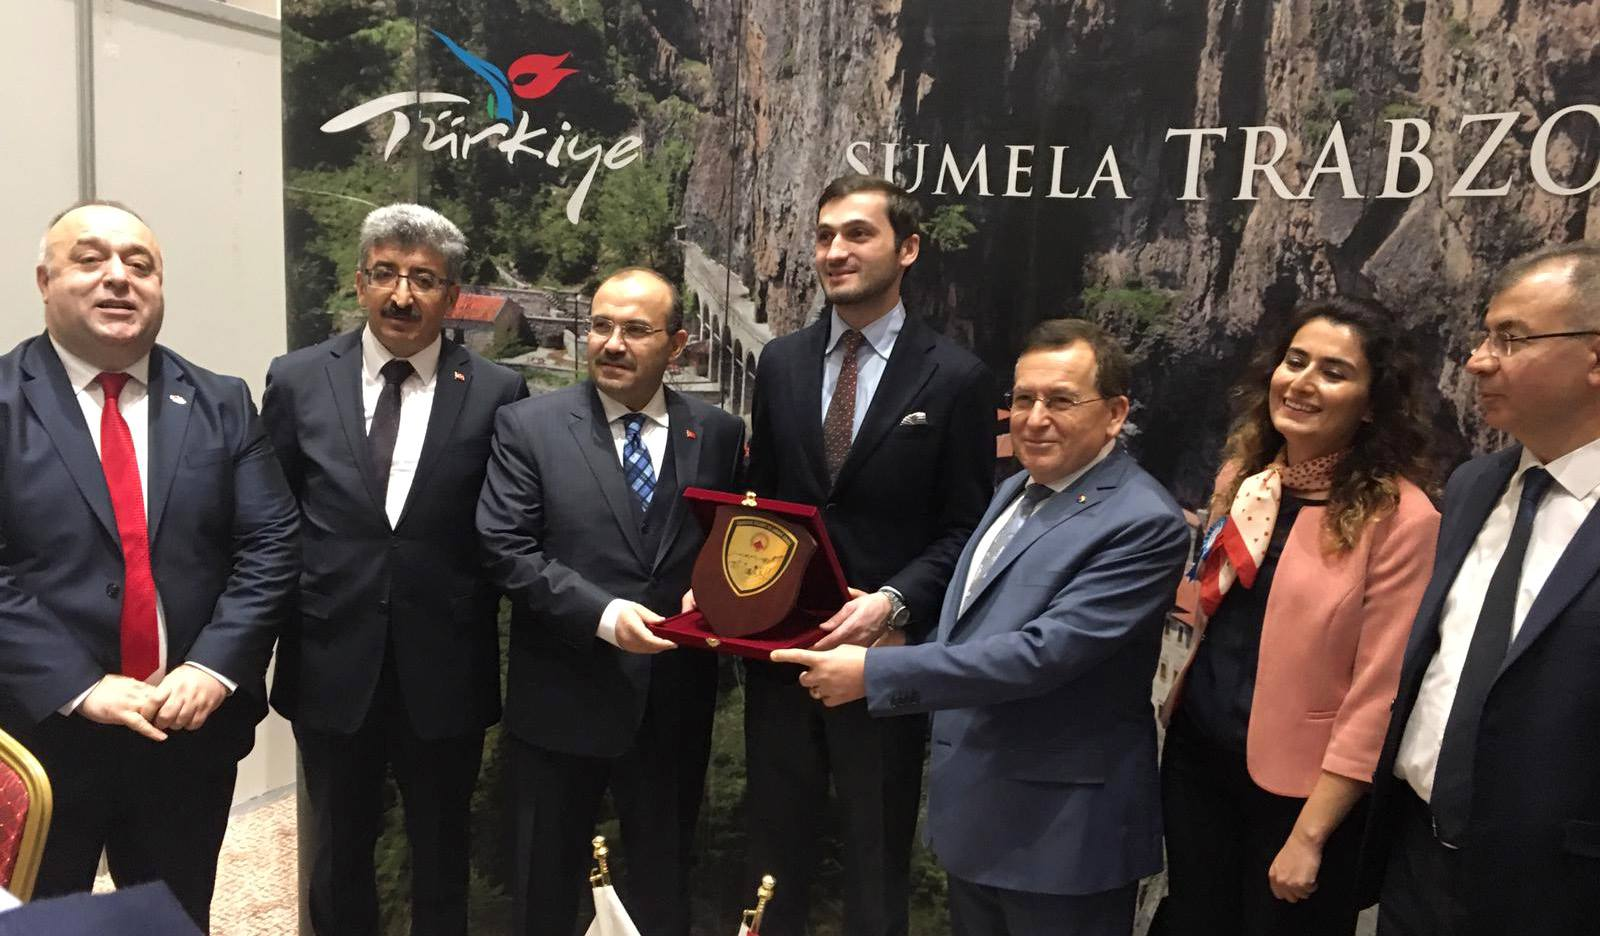 Trabzon inşaat sektörü Batum'da tanıtıldı